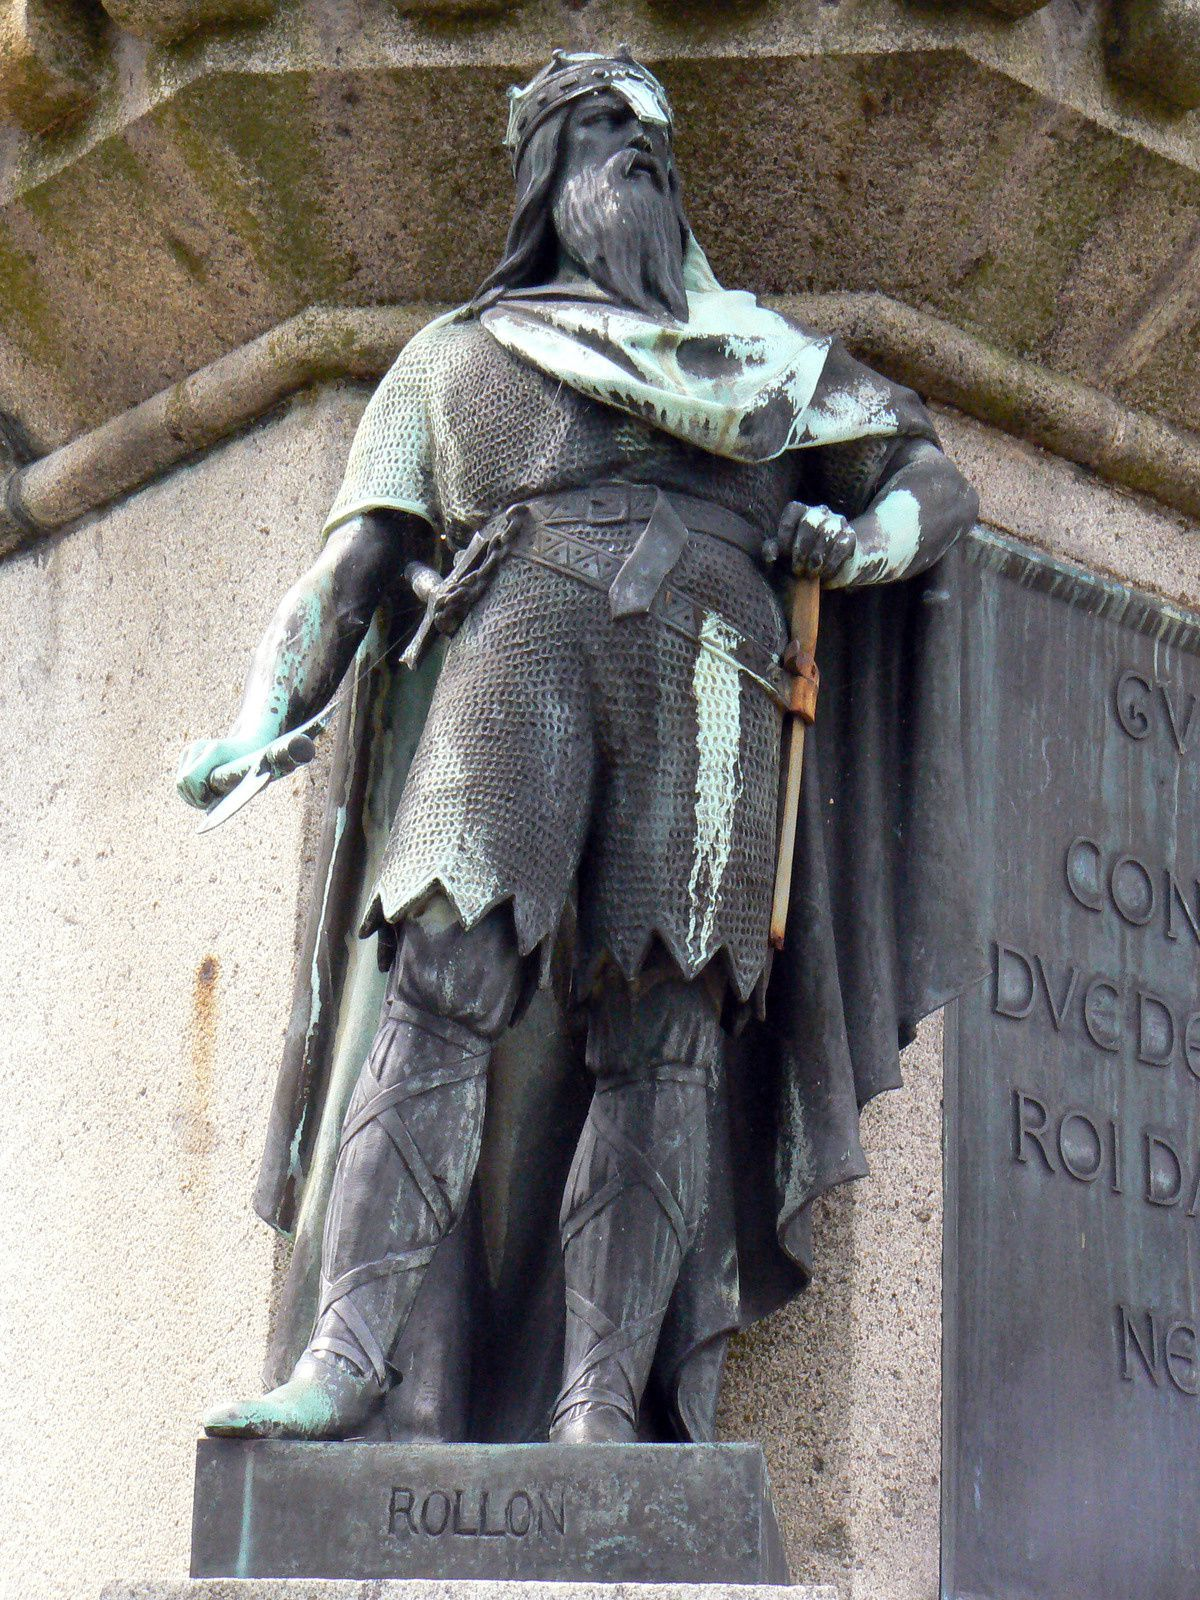 Rollon, statue de bronze faisant partie du groupe monumental représentant Guillaume le Conquérant entouré de l'ensemble des ducs de Normandie à Falaise (Calvados).